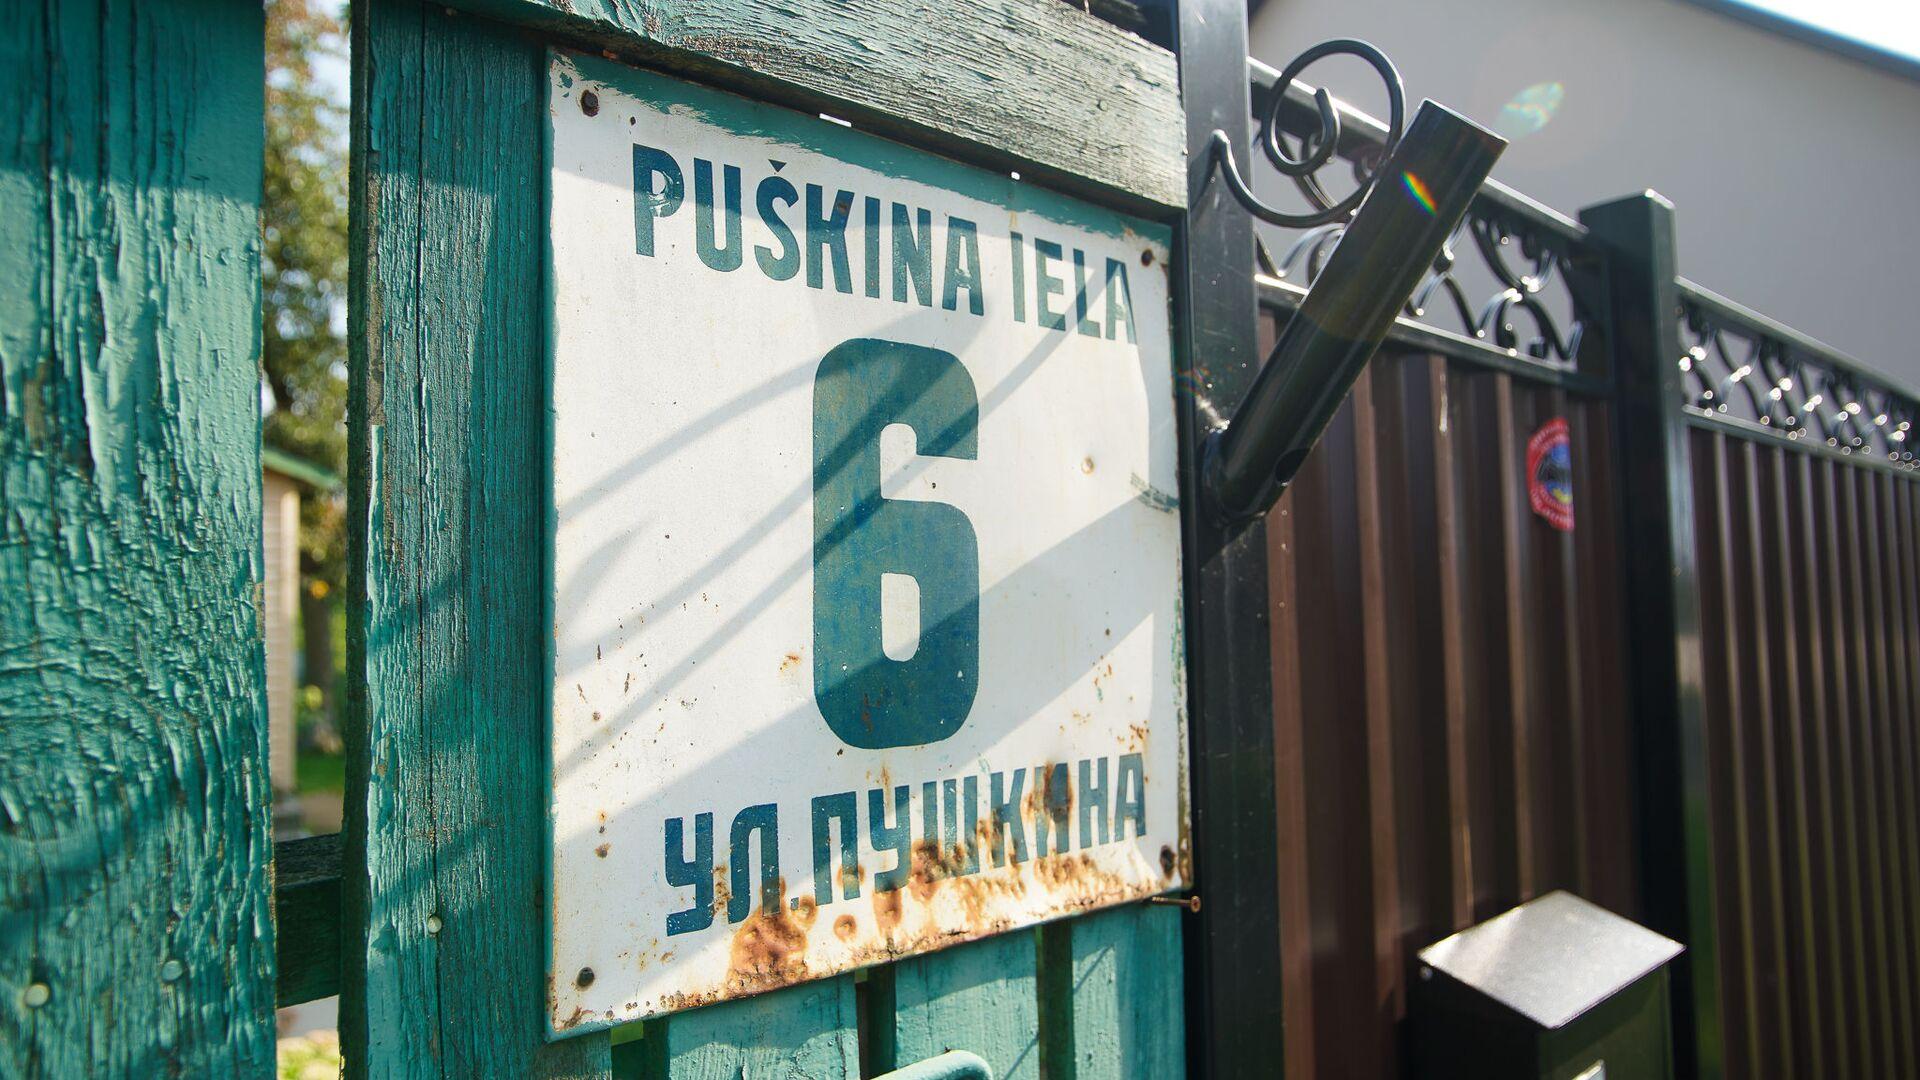 Улица Пушкина в Даугавпилсе, табличка на латышском и русском языках - Sputnik Латвия, 1920, 04.09.2021